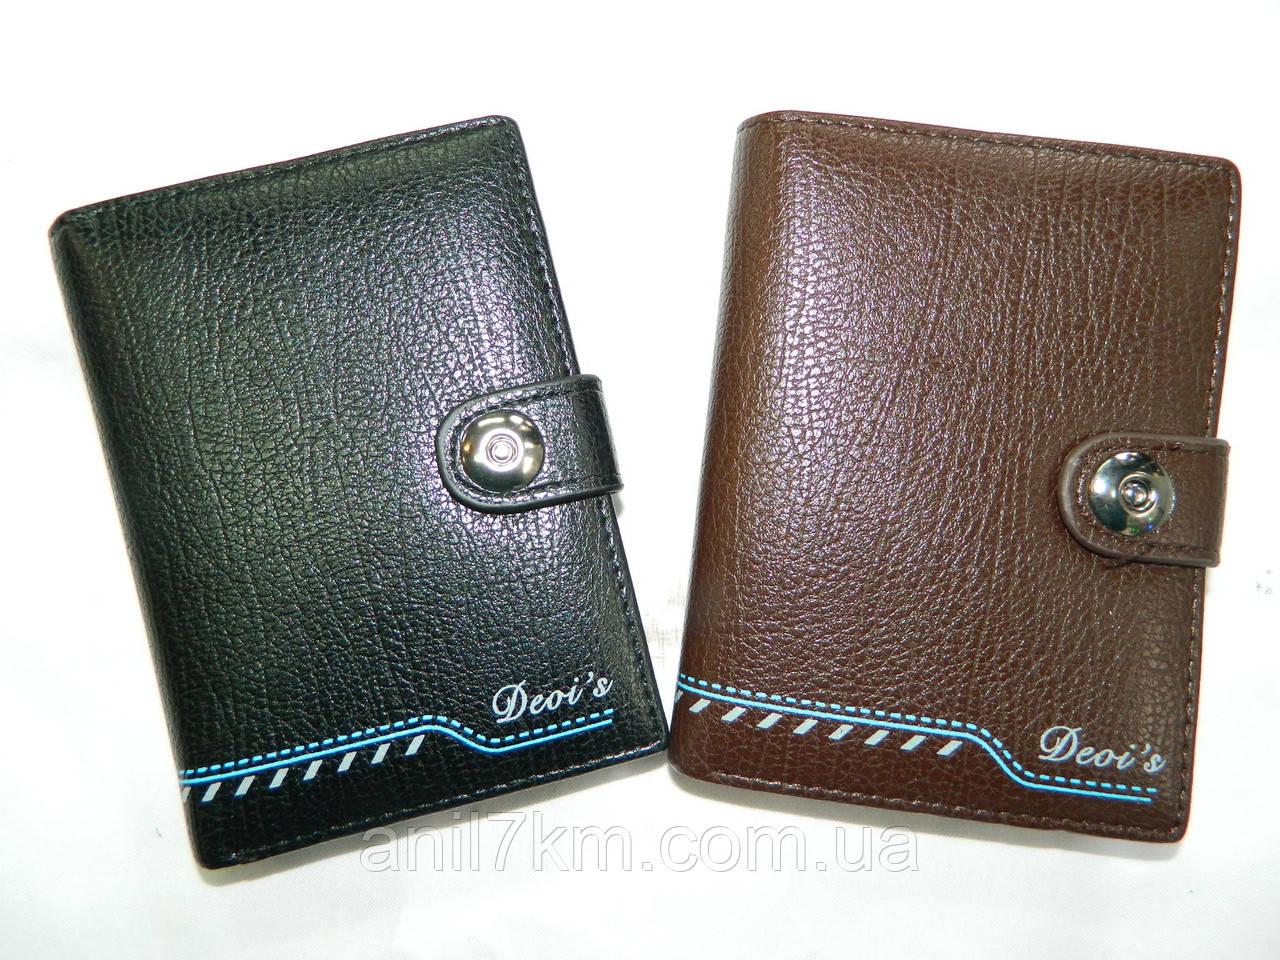 Мужской кошелёк-портмоне для денег и документов